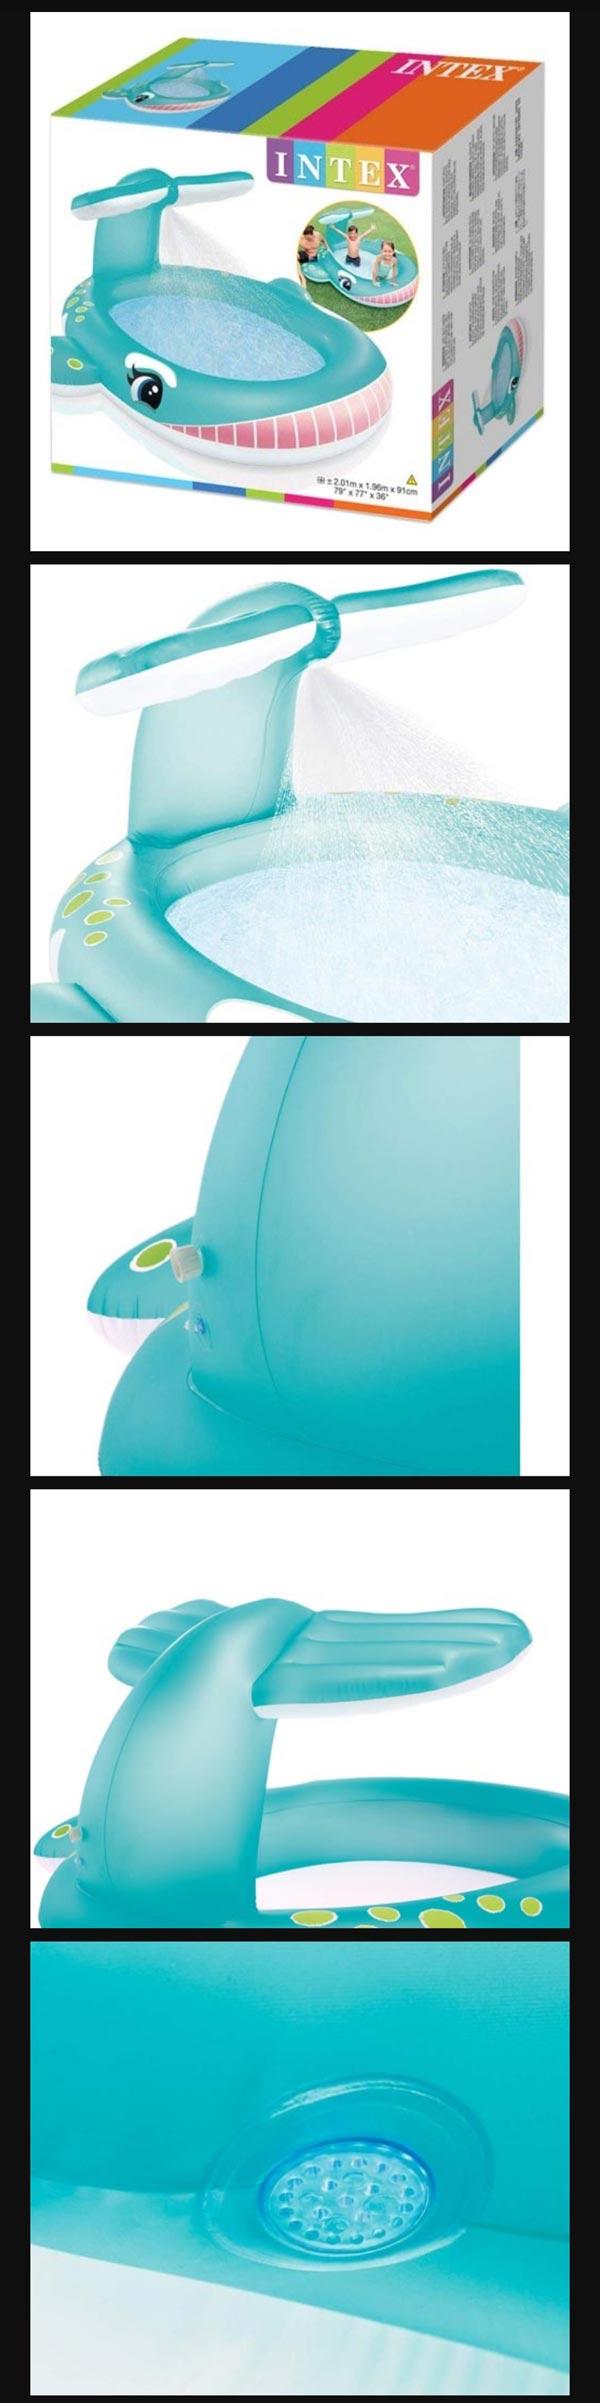 Whale Intex Pool